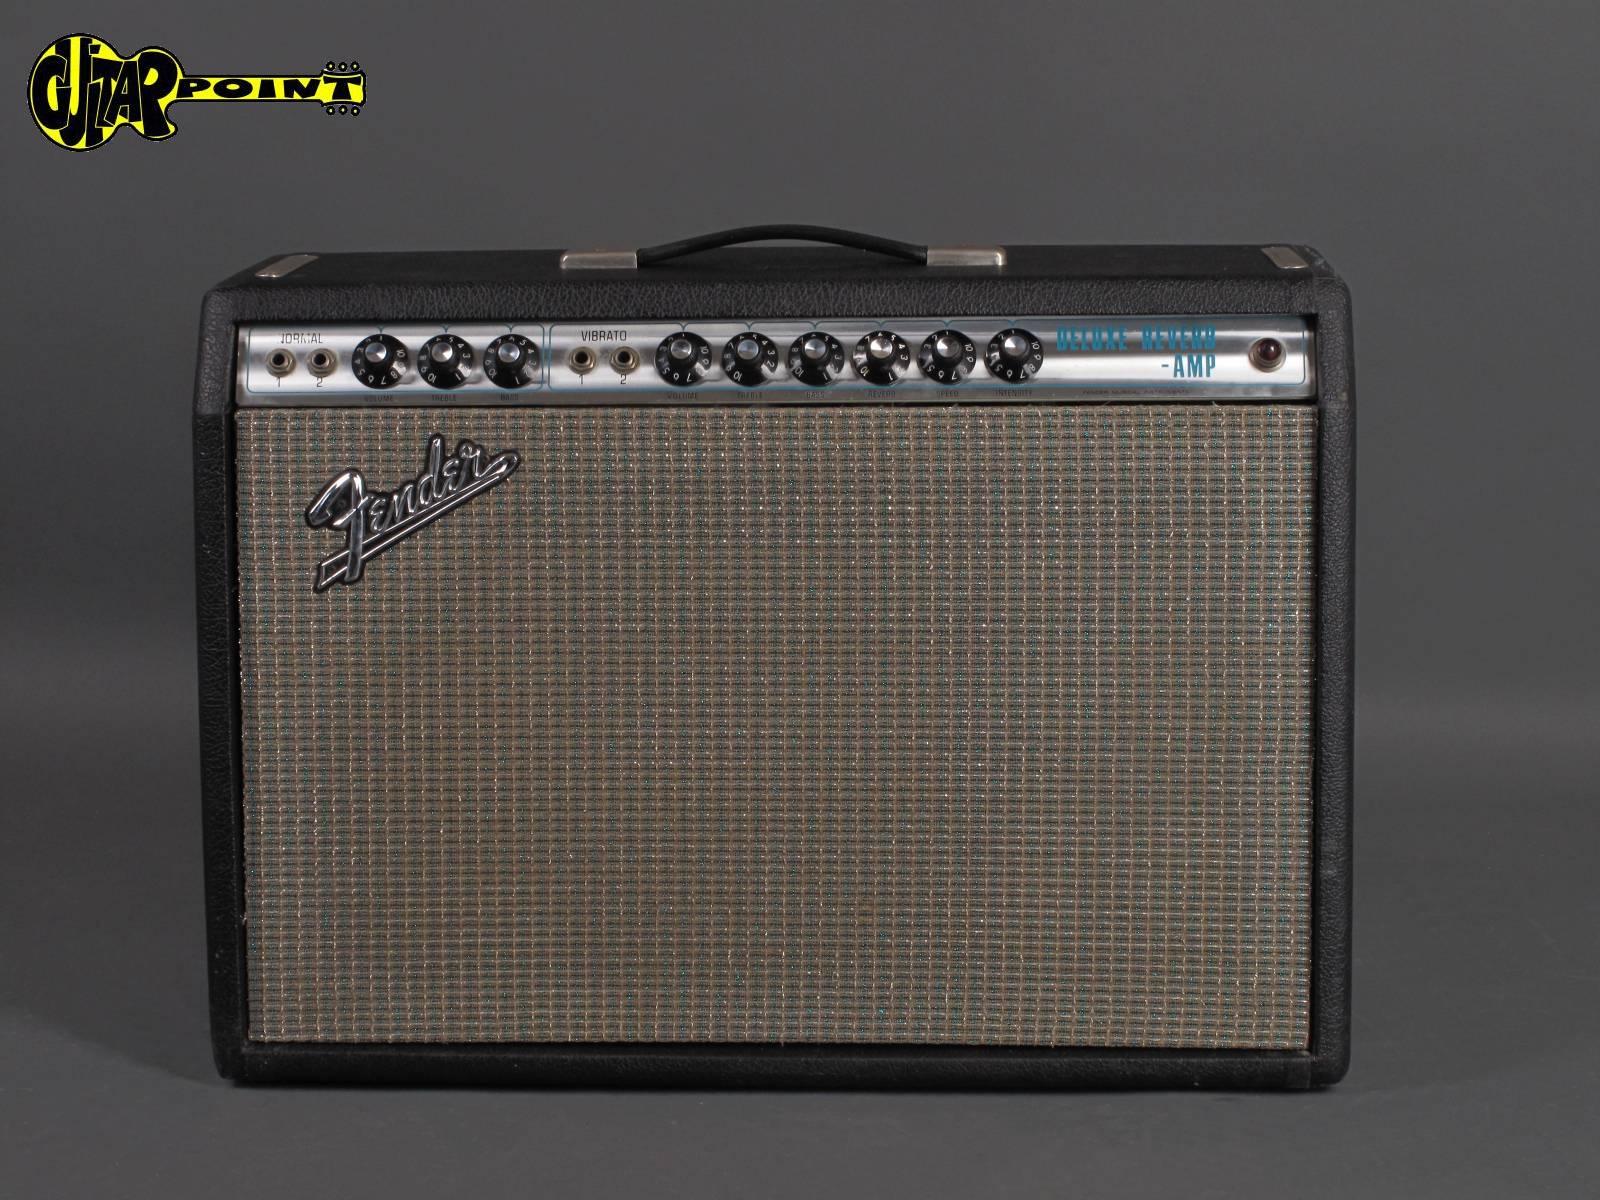 1971 FenderDeluxe Reverb Amp